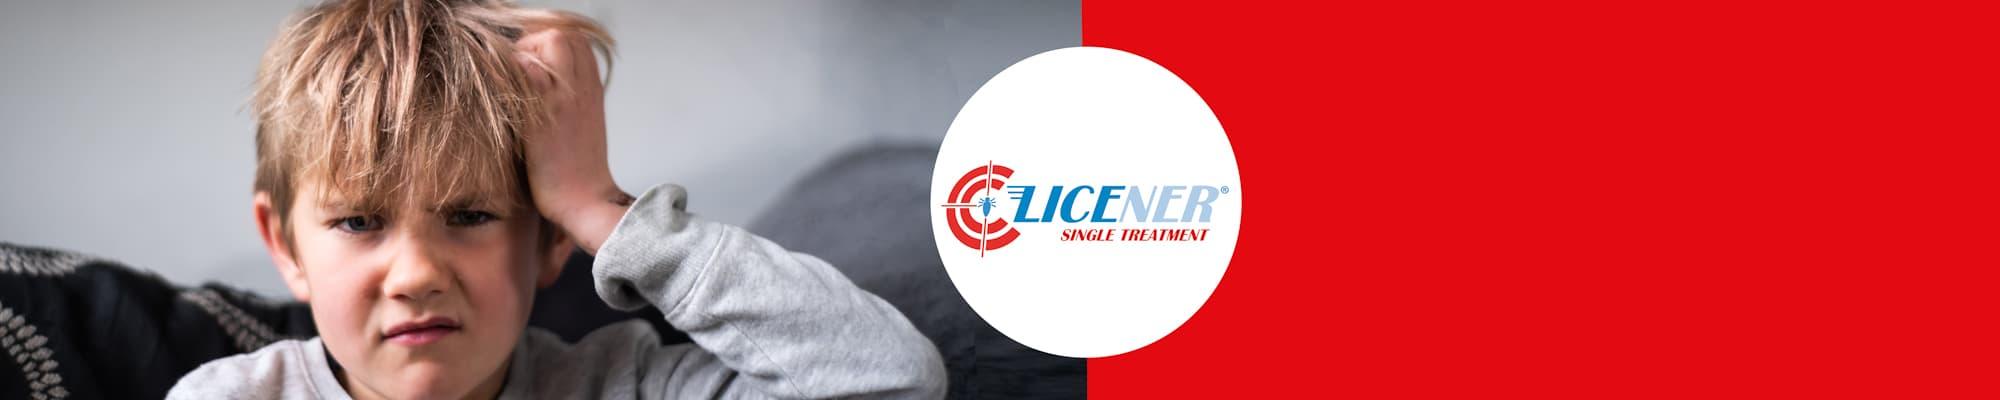 Banner Licener